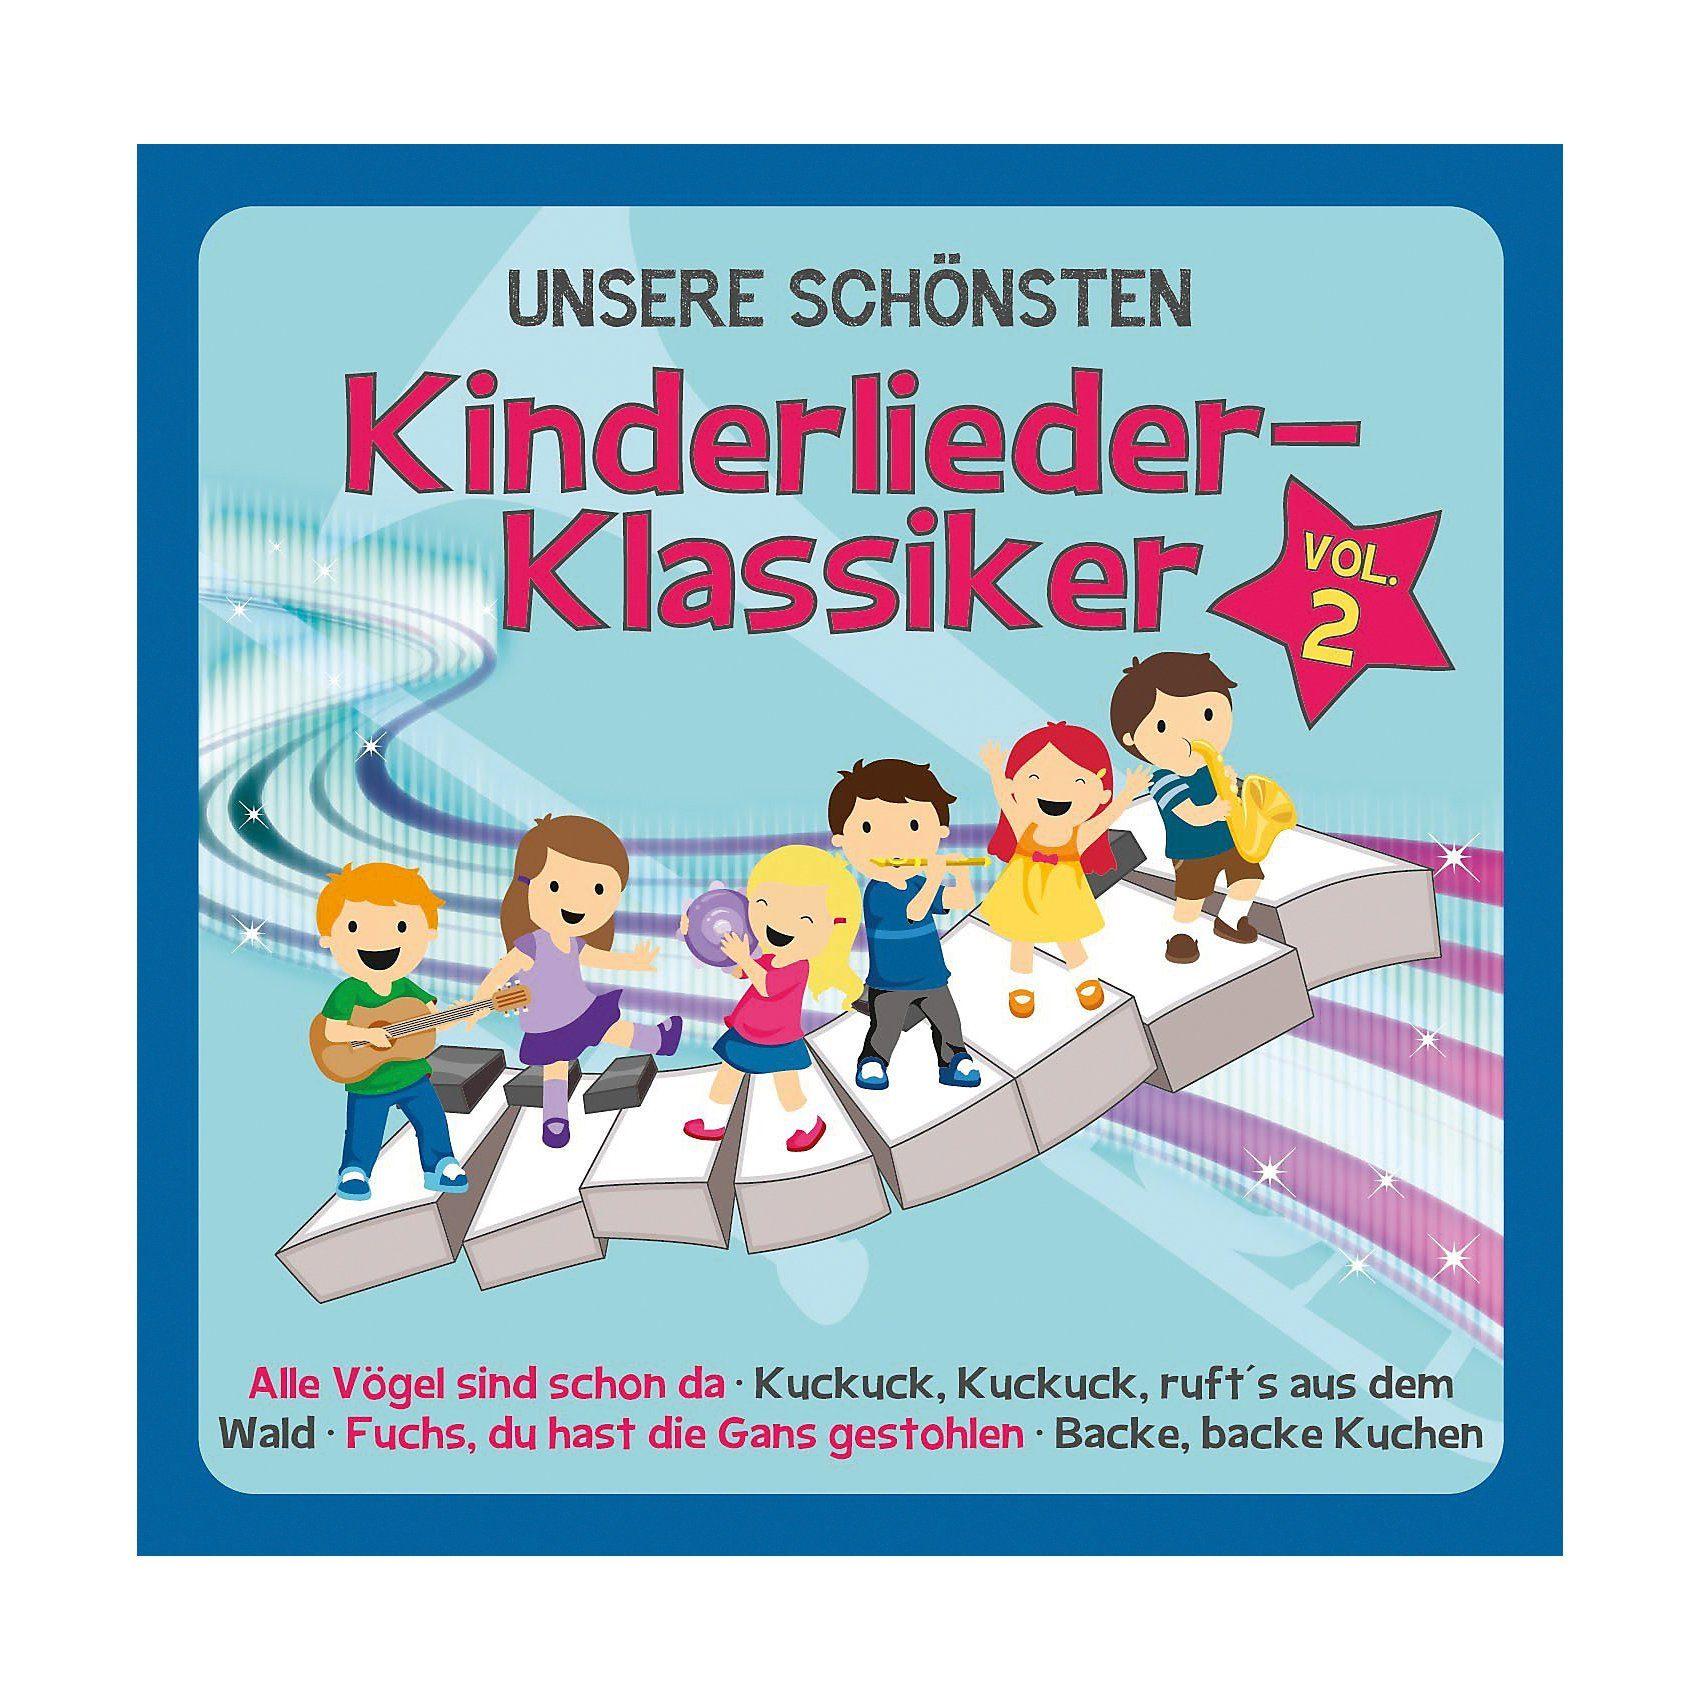 Universal CD Die schönsten Kinderlieder Klassiker Vol. 2